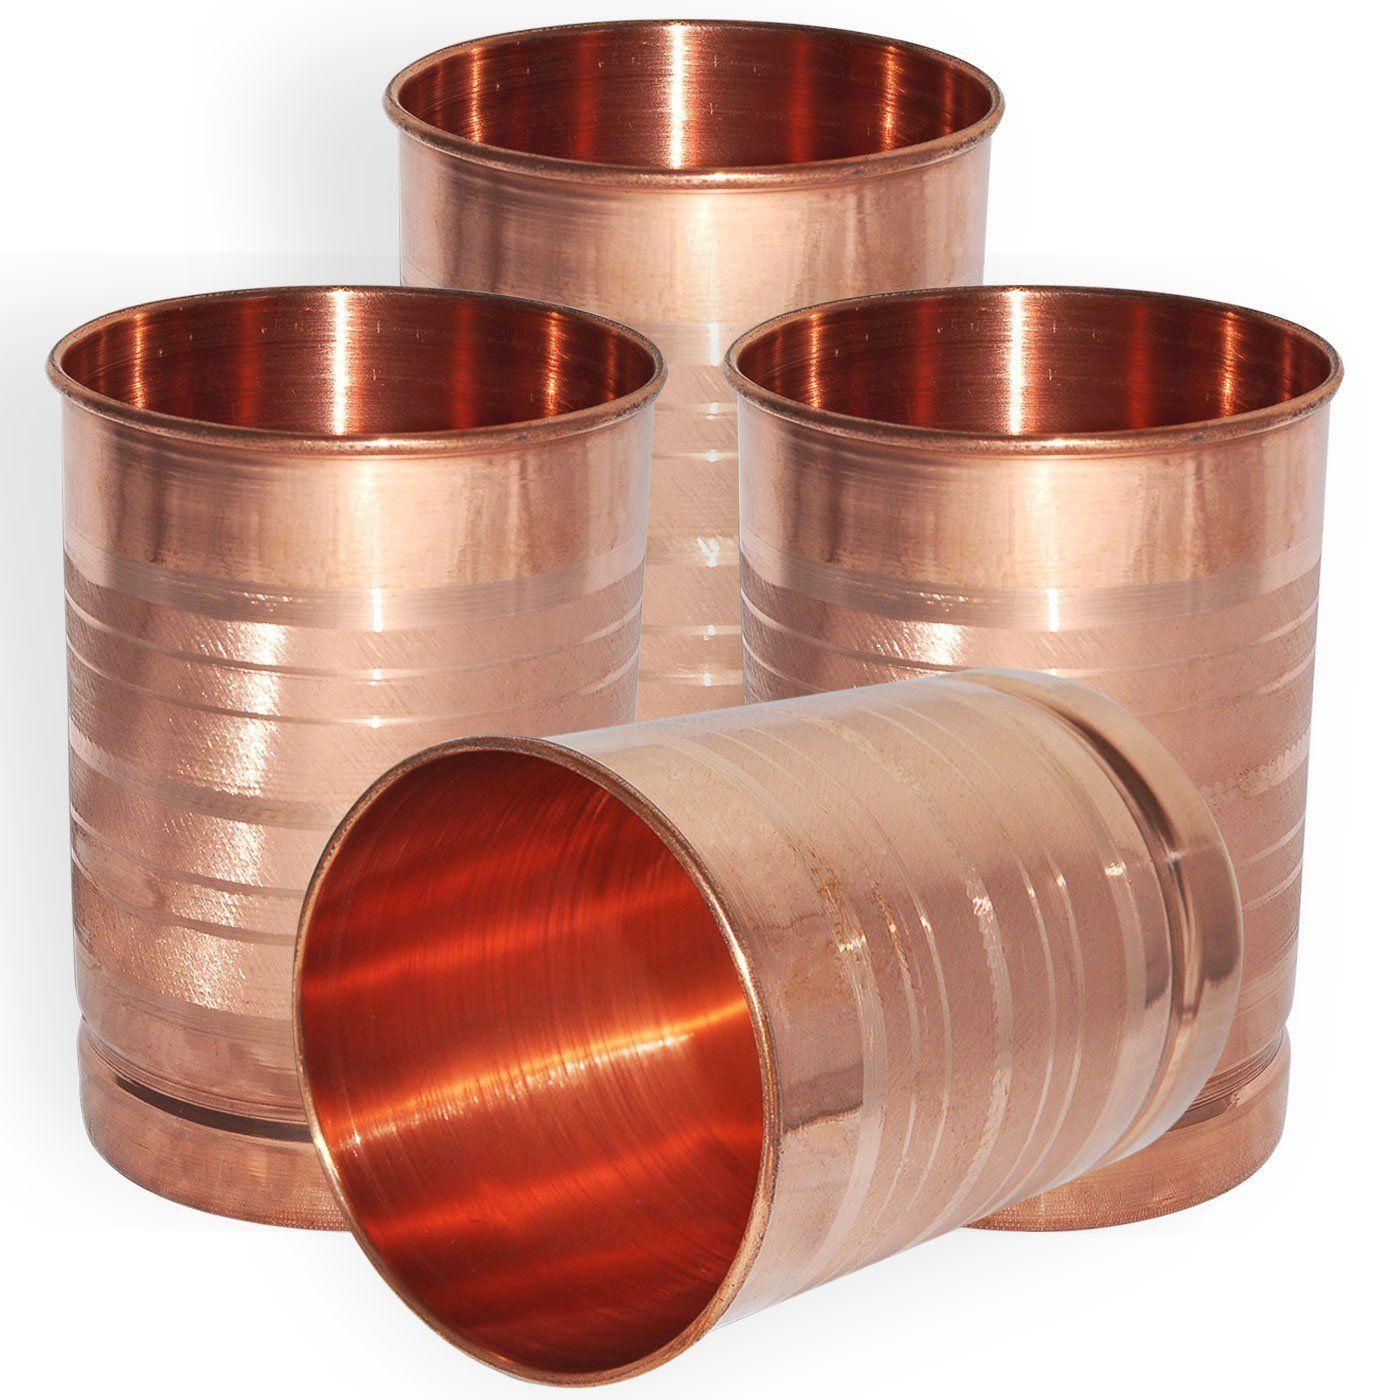 Buy Dakshcraft ® Small Copper Drinkware Tumbler, Set of 4